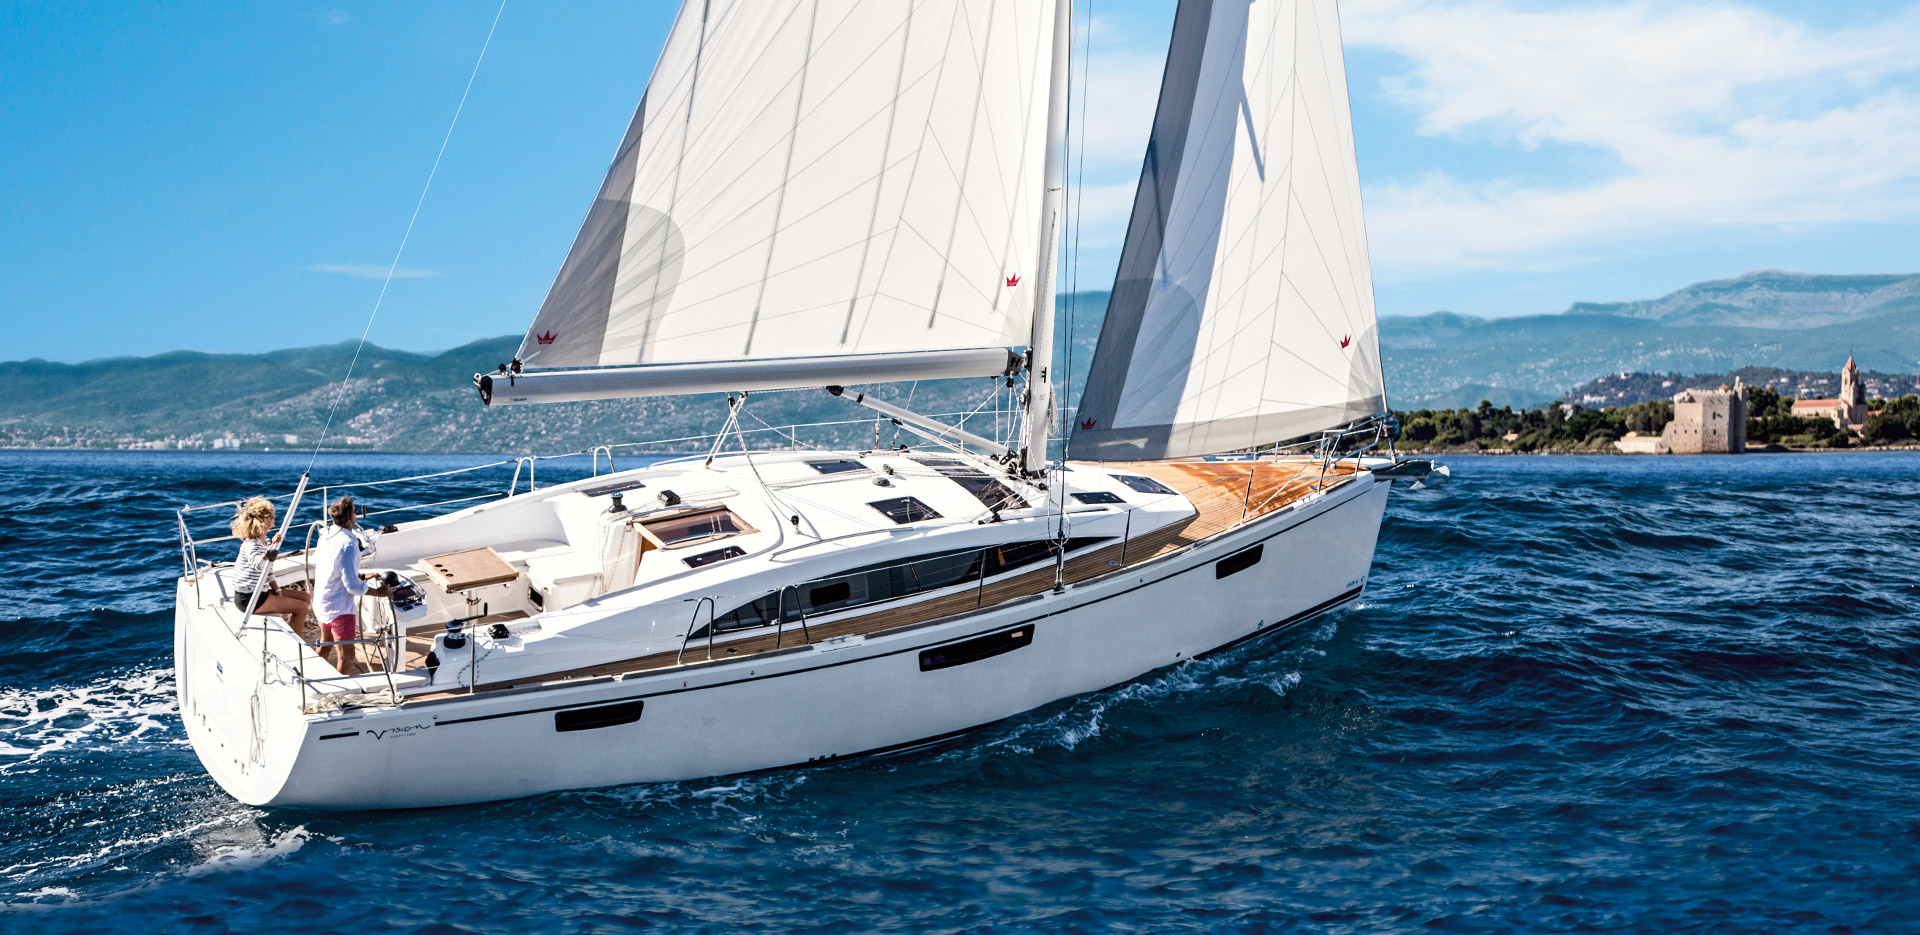 Bavaria Vision 42 Class - Sailing Yacht- Bavaria 42 Vision (2Cab)